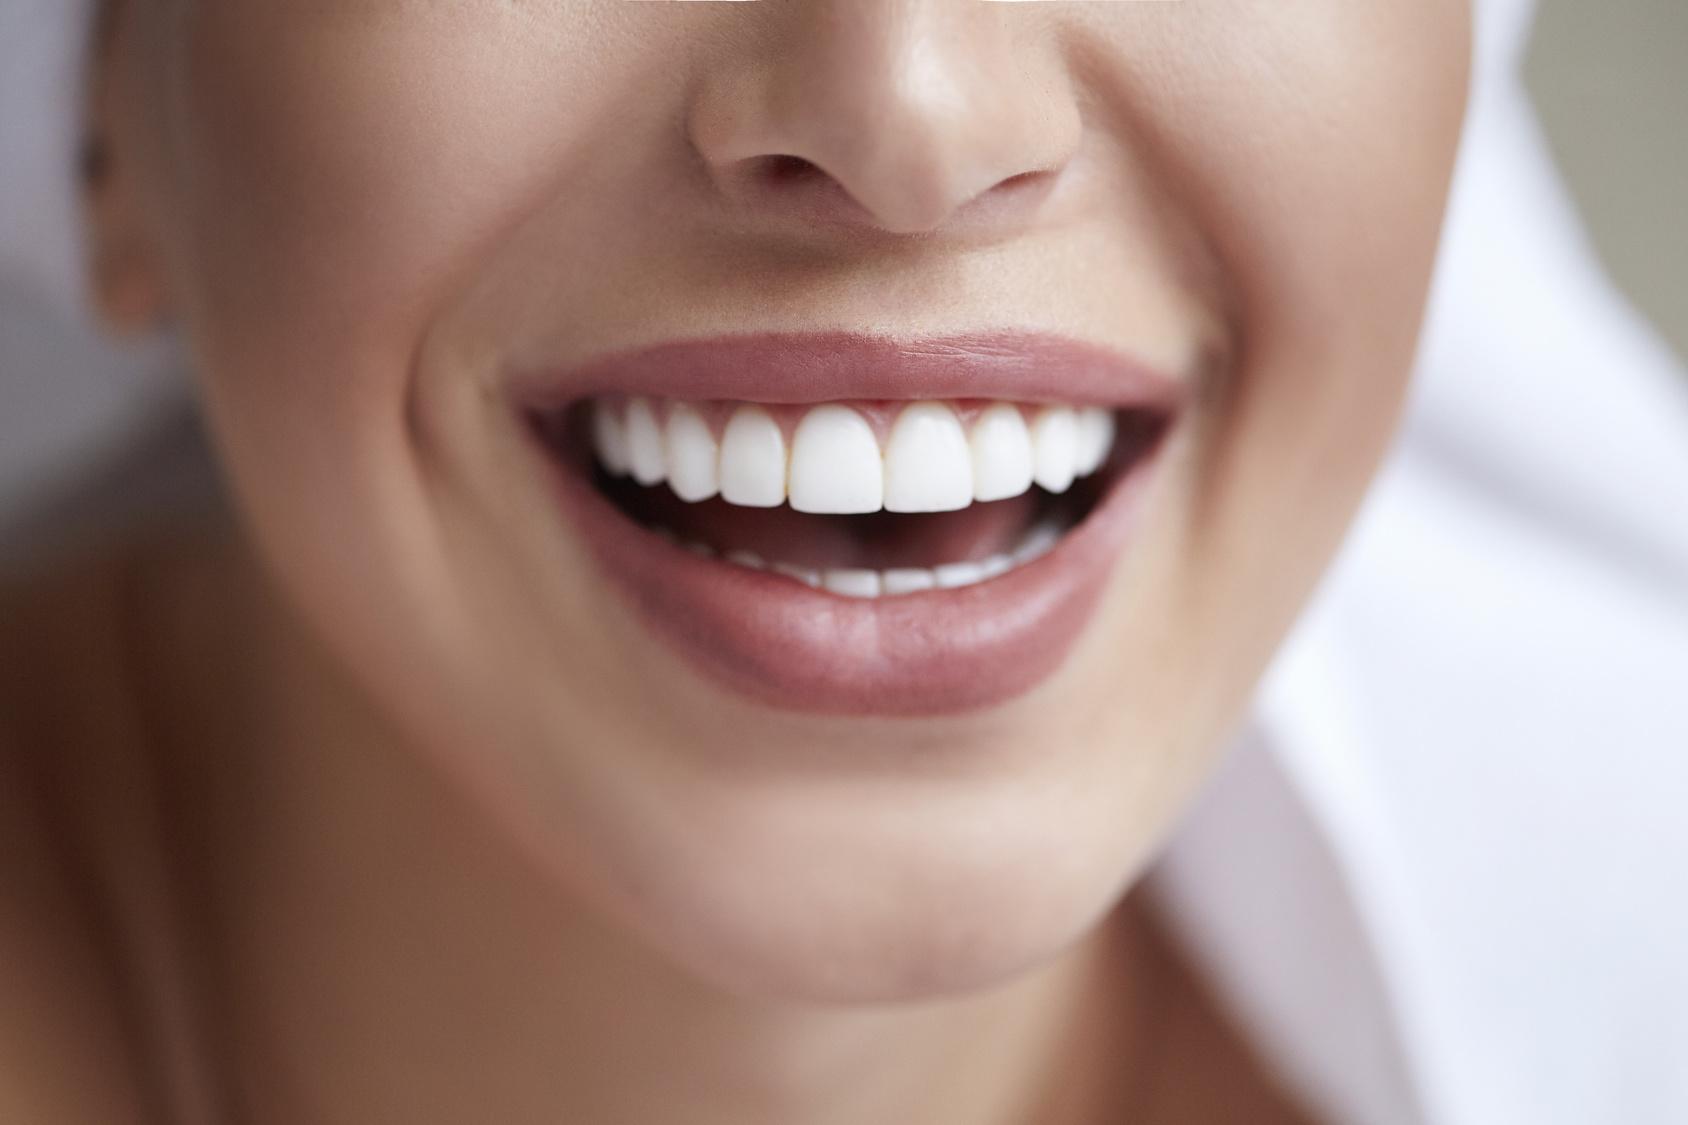 Nachwachsende Zähne